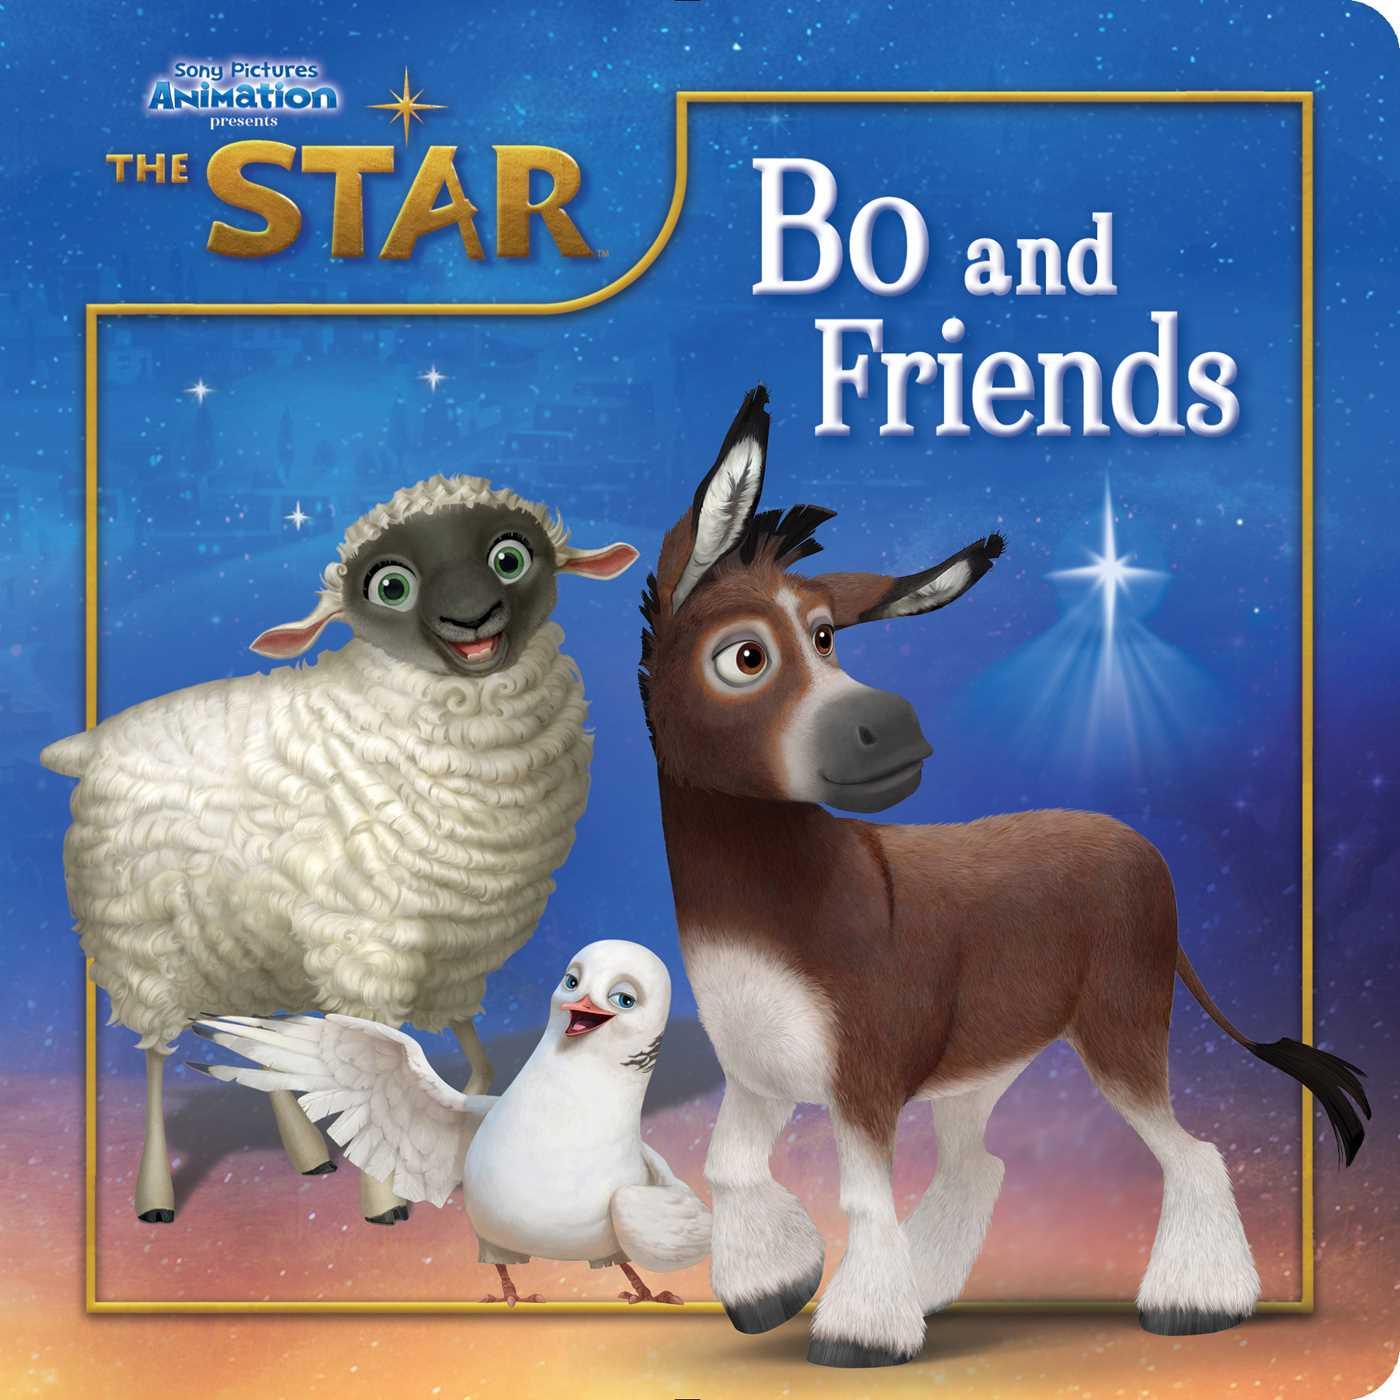 دانلود انیمیشن The Star